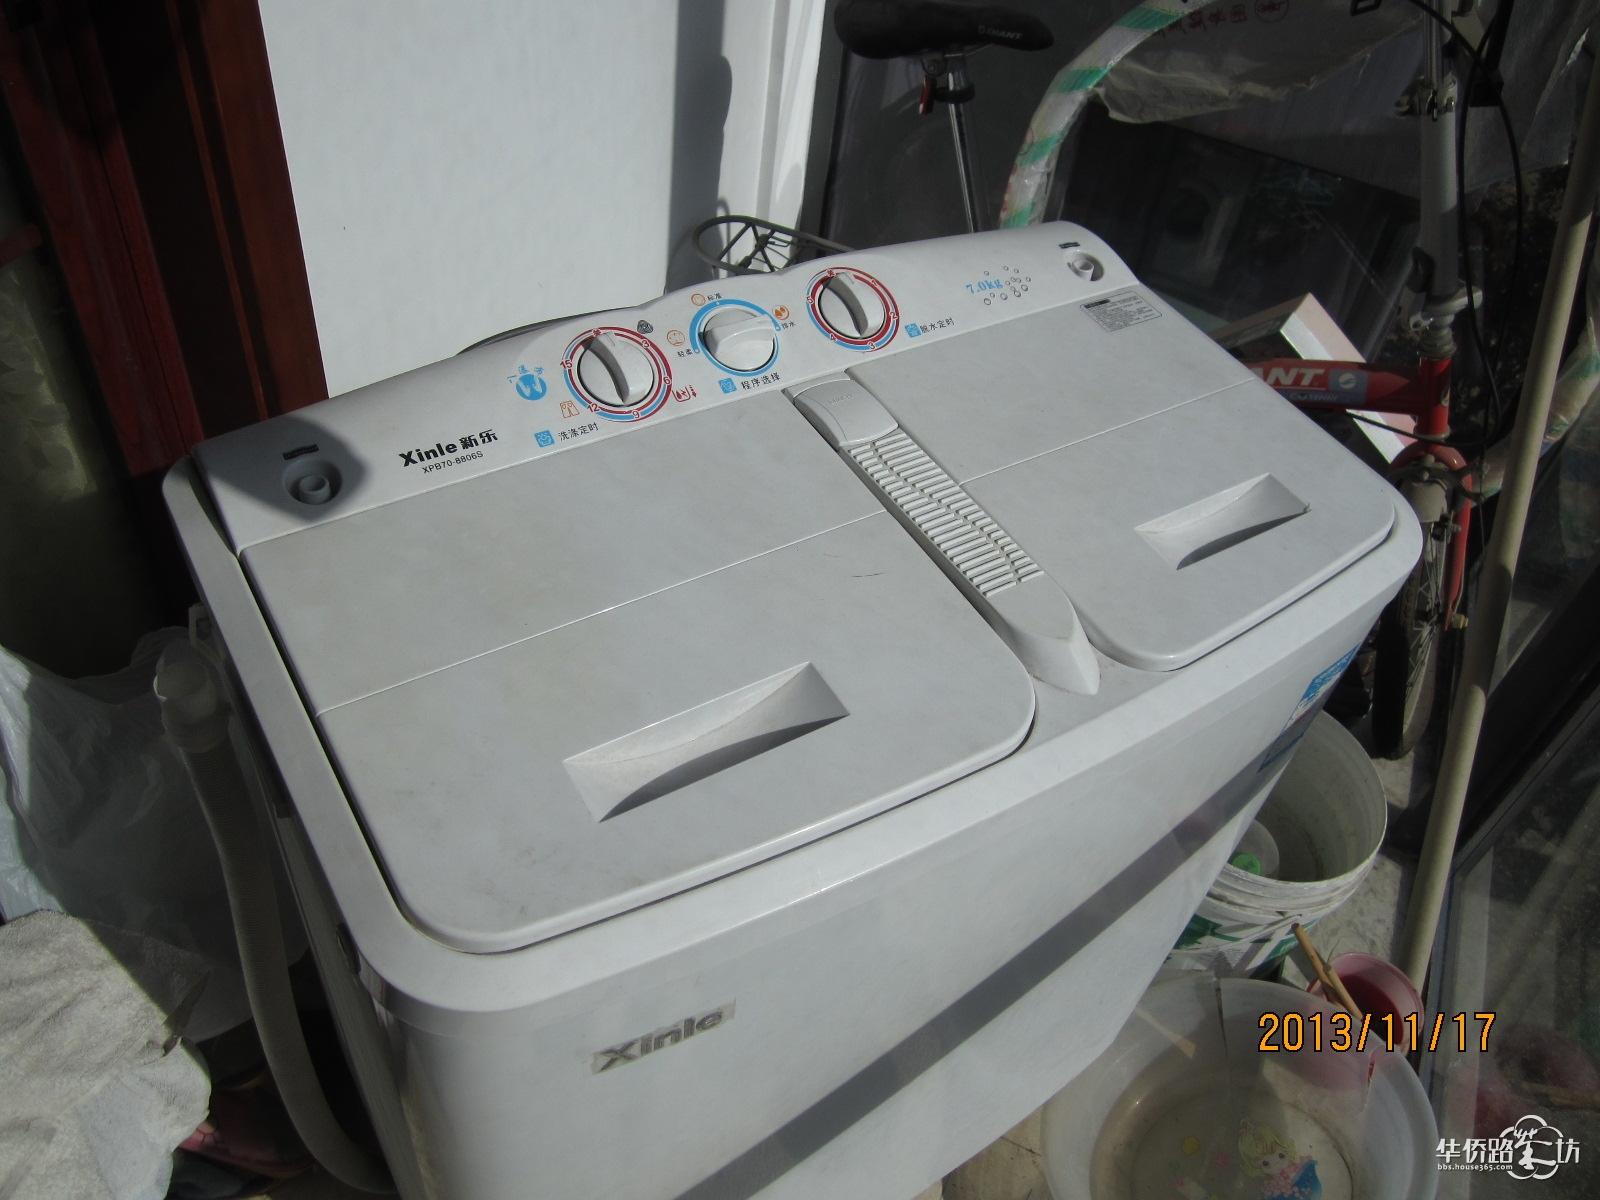 200元转让新乐双桶洗衣机